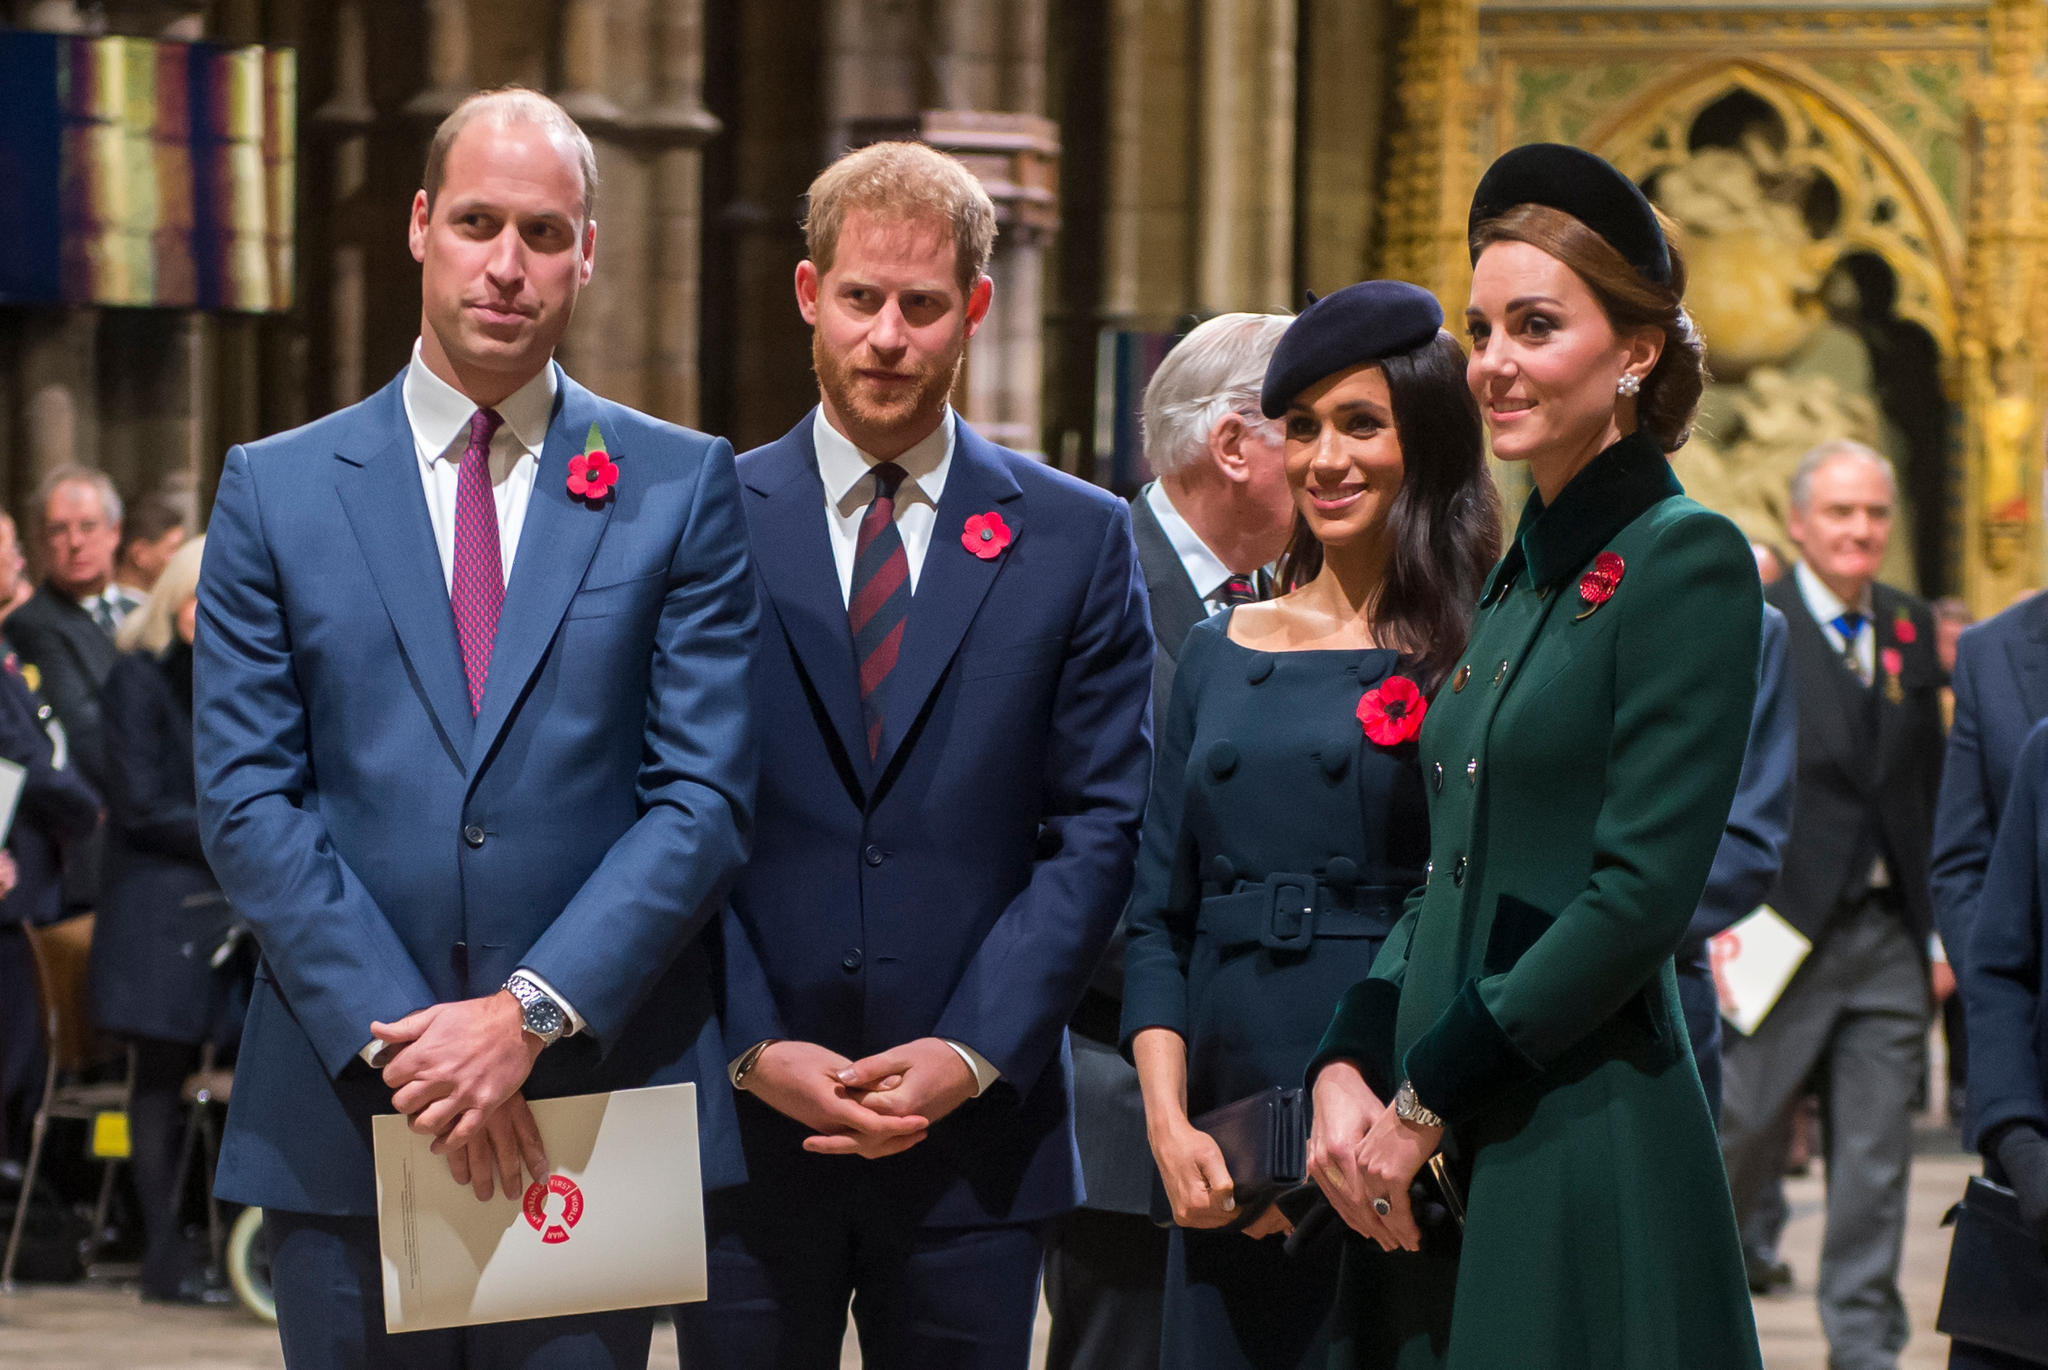 Prinz William, Prinz Harry, Herzogin Meghan und Herzogin Catherine gehen bald getrennte Wege